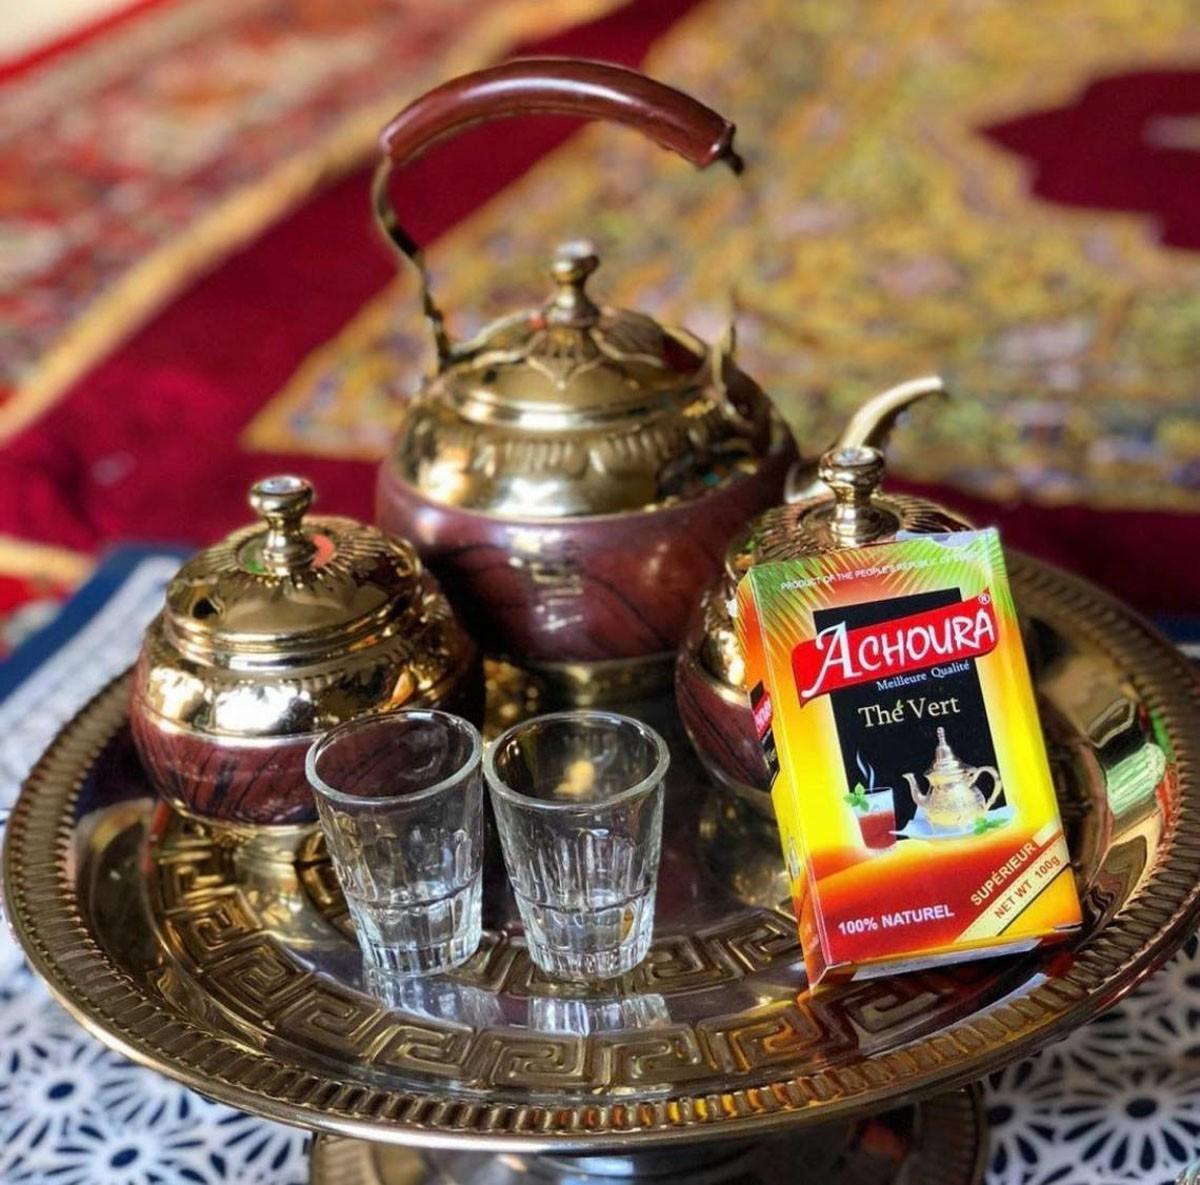 Affaire thé Achoura : les consommateurs ne savent pas à quel saint se vouer